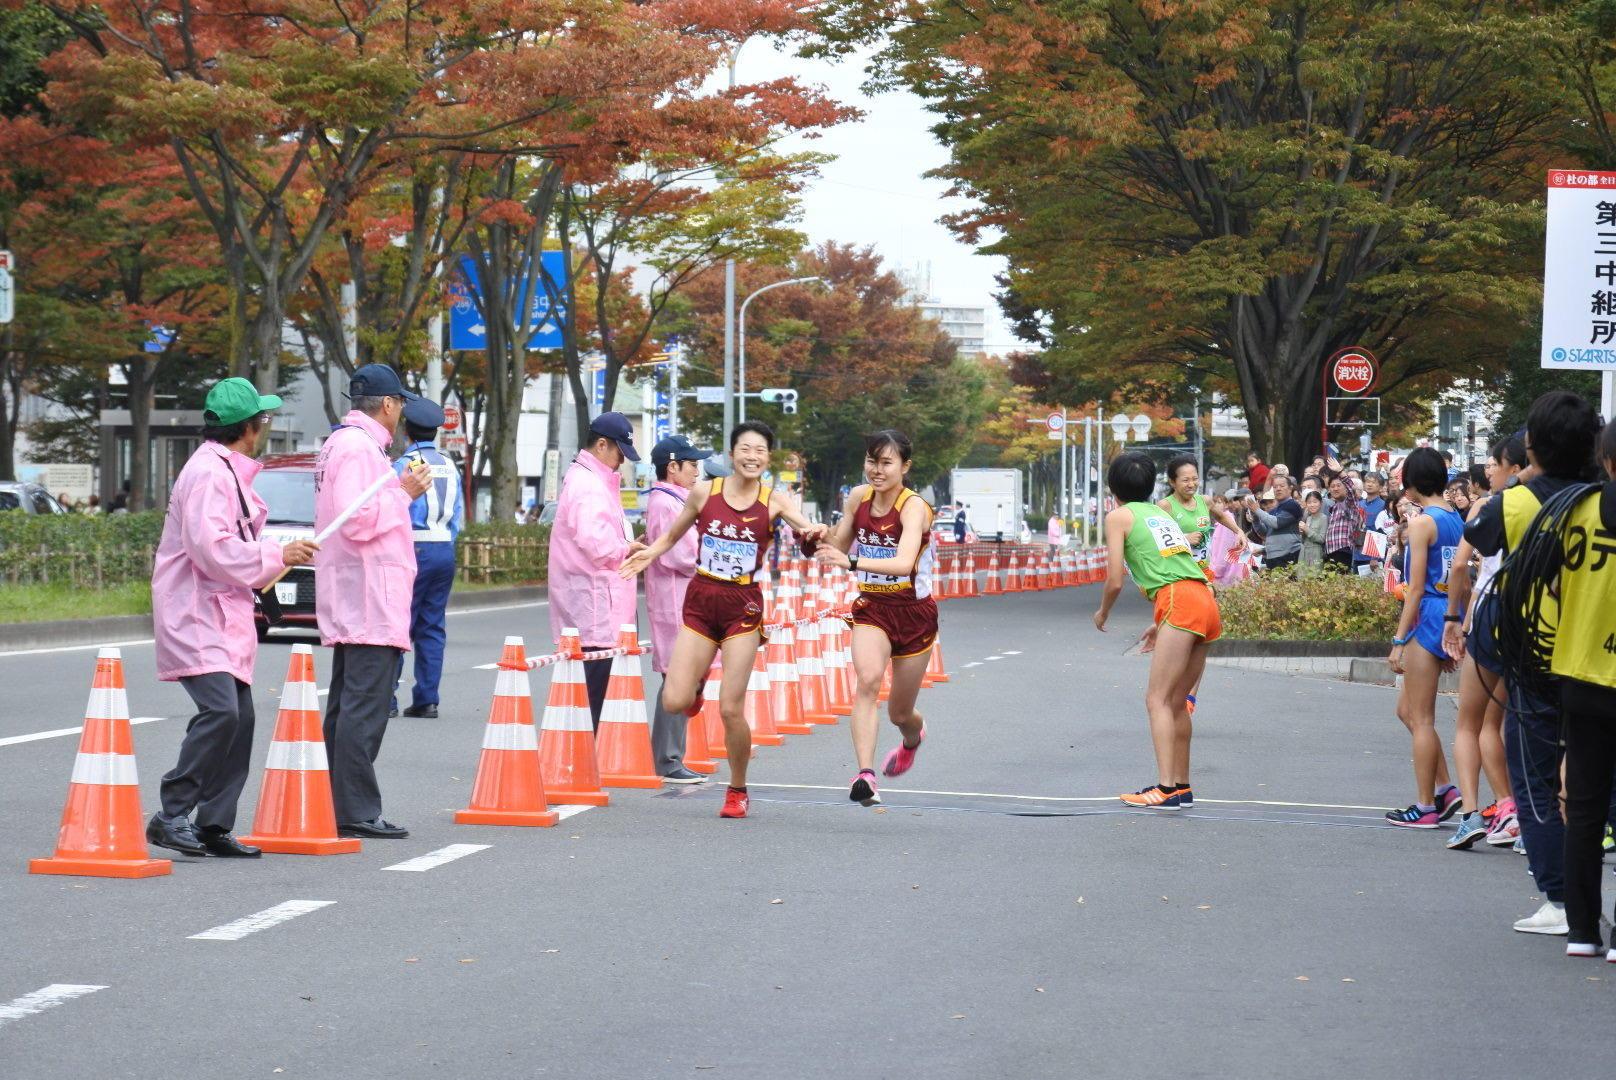 和田選手からたすきを受け取り力強く走り出す4区の山本有真選手